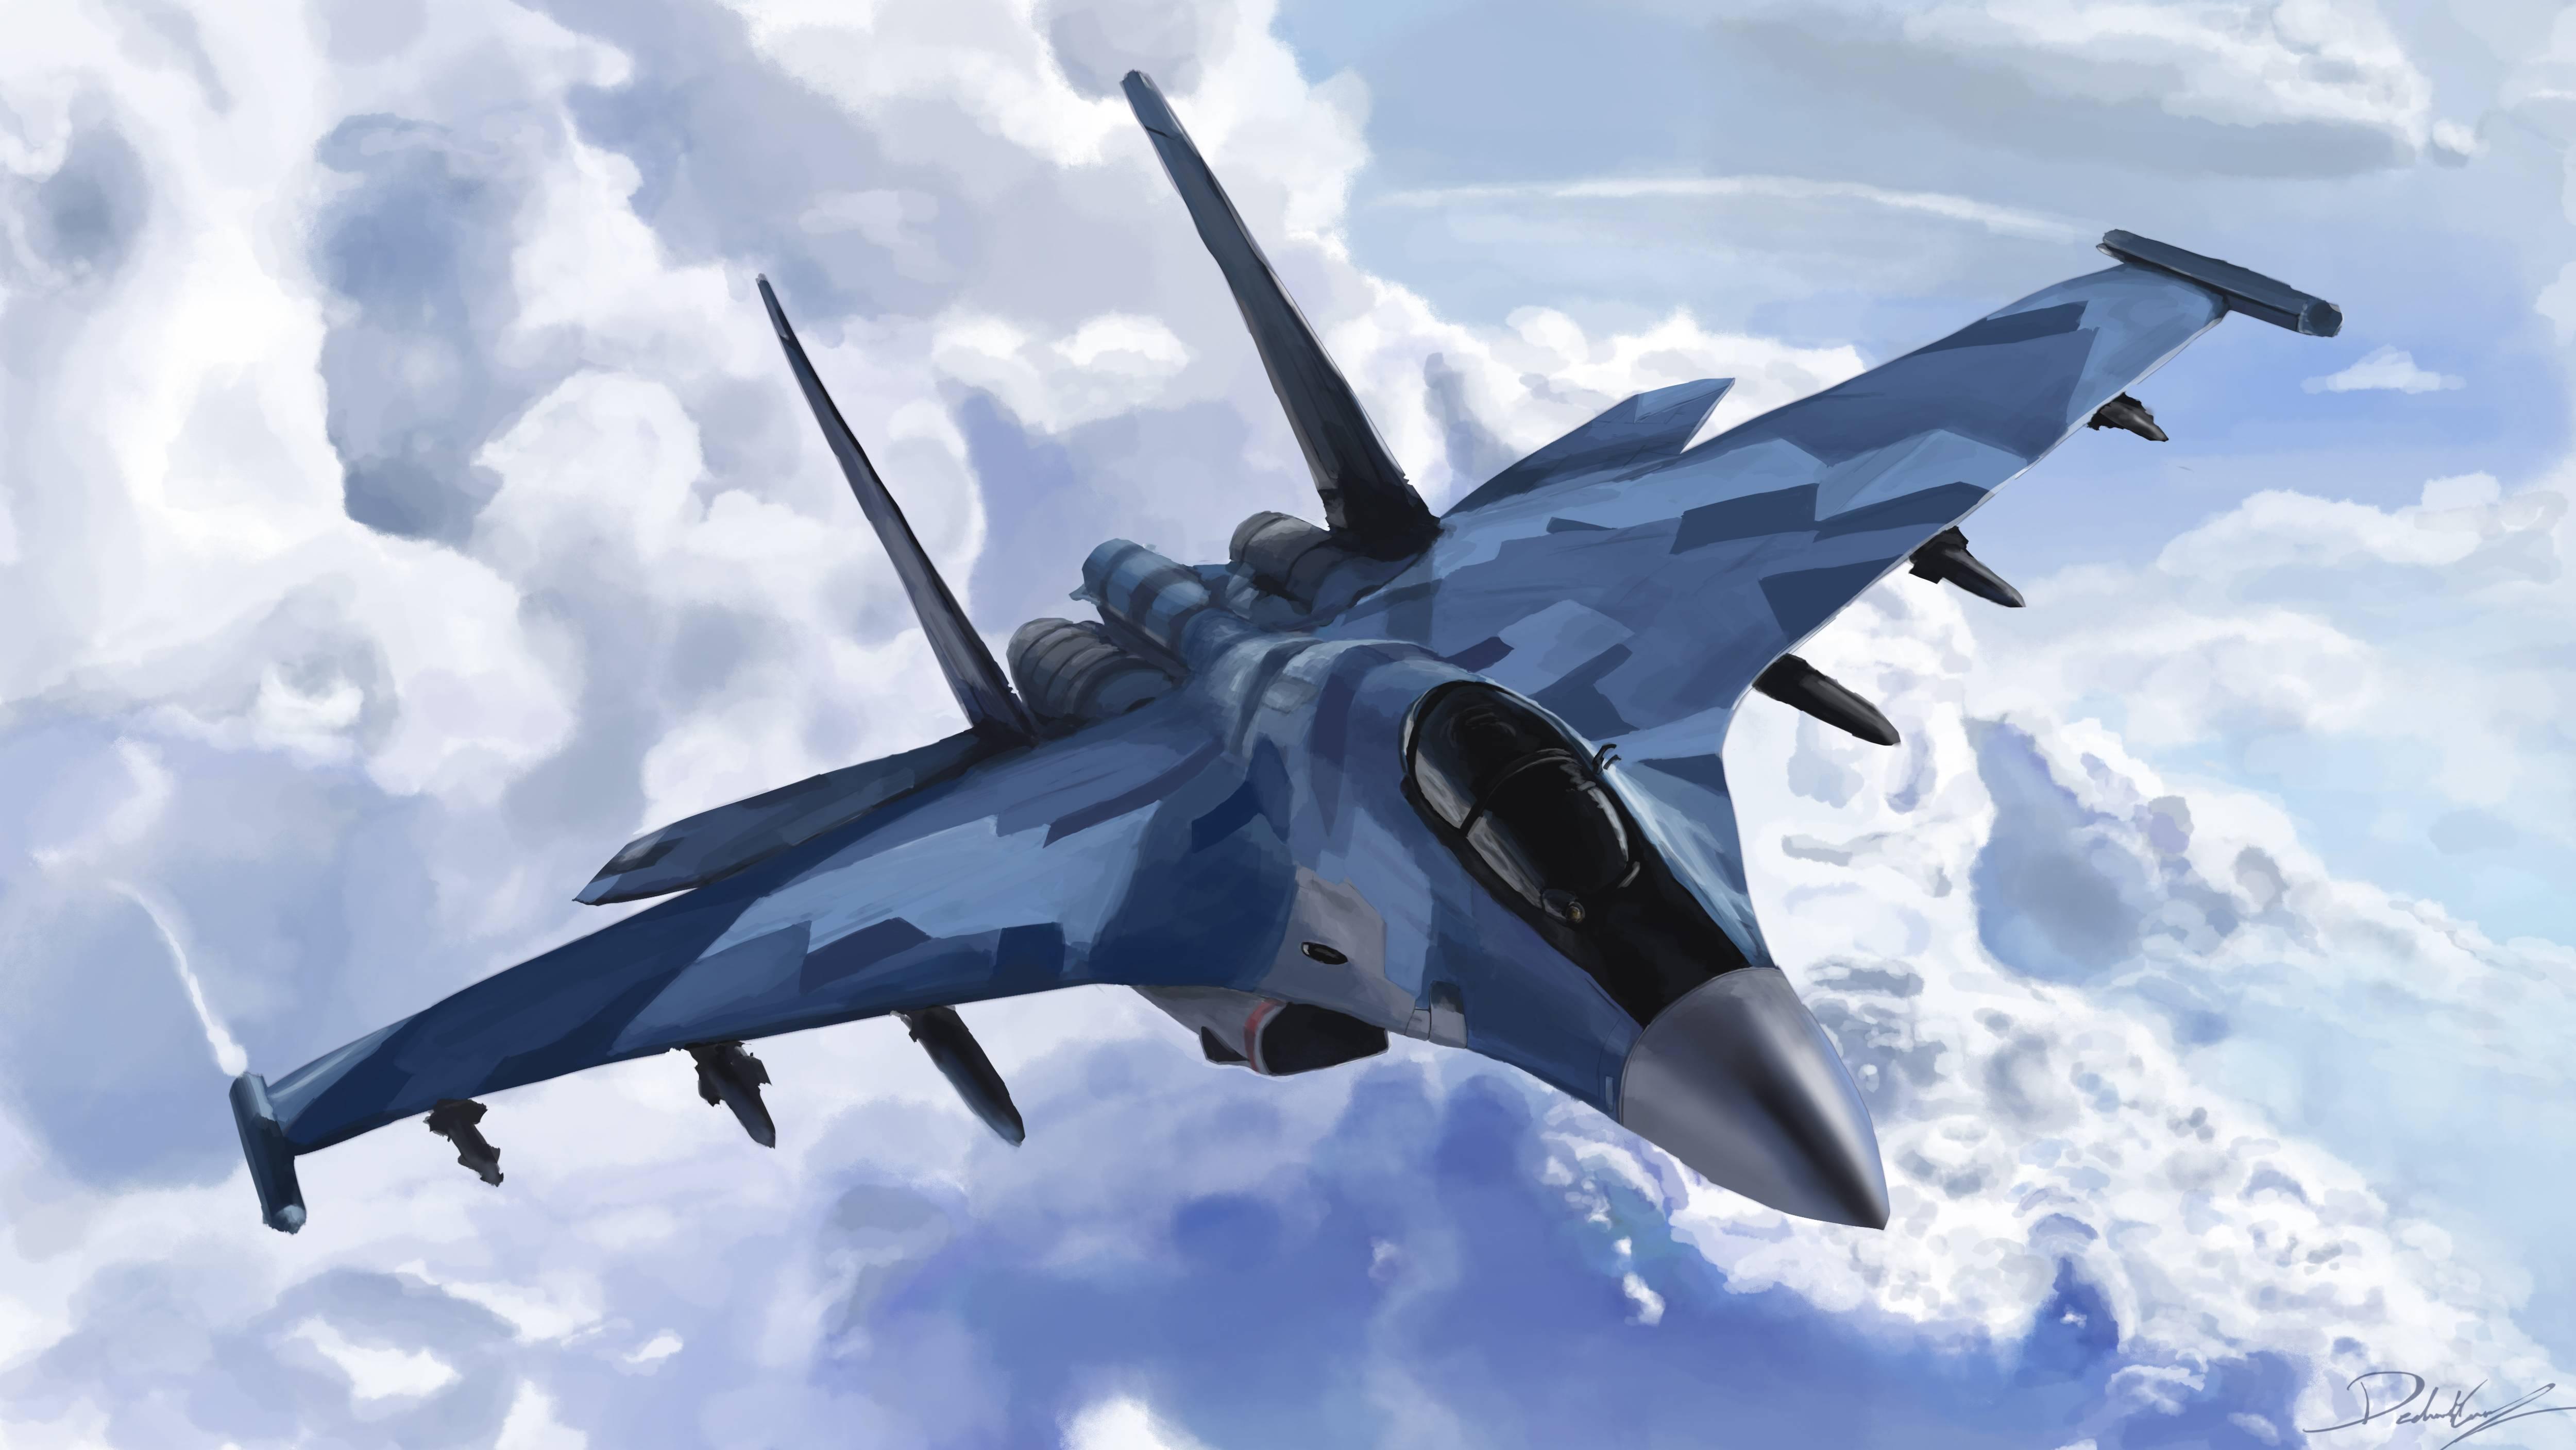 Fighter jet desktop backgrounds wallpaper cave - Jet wallpaper ...